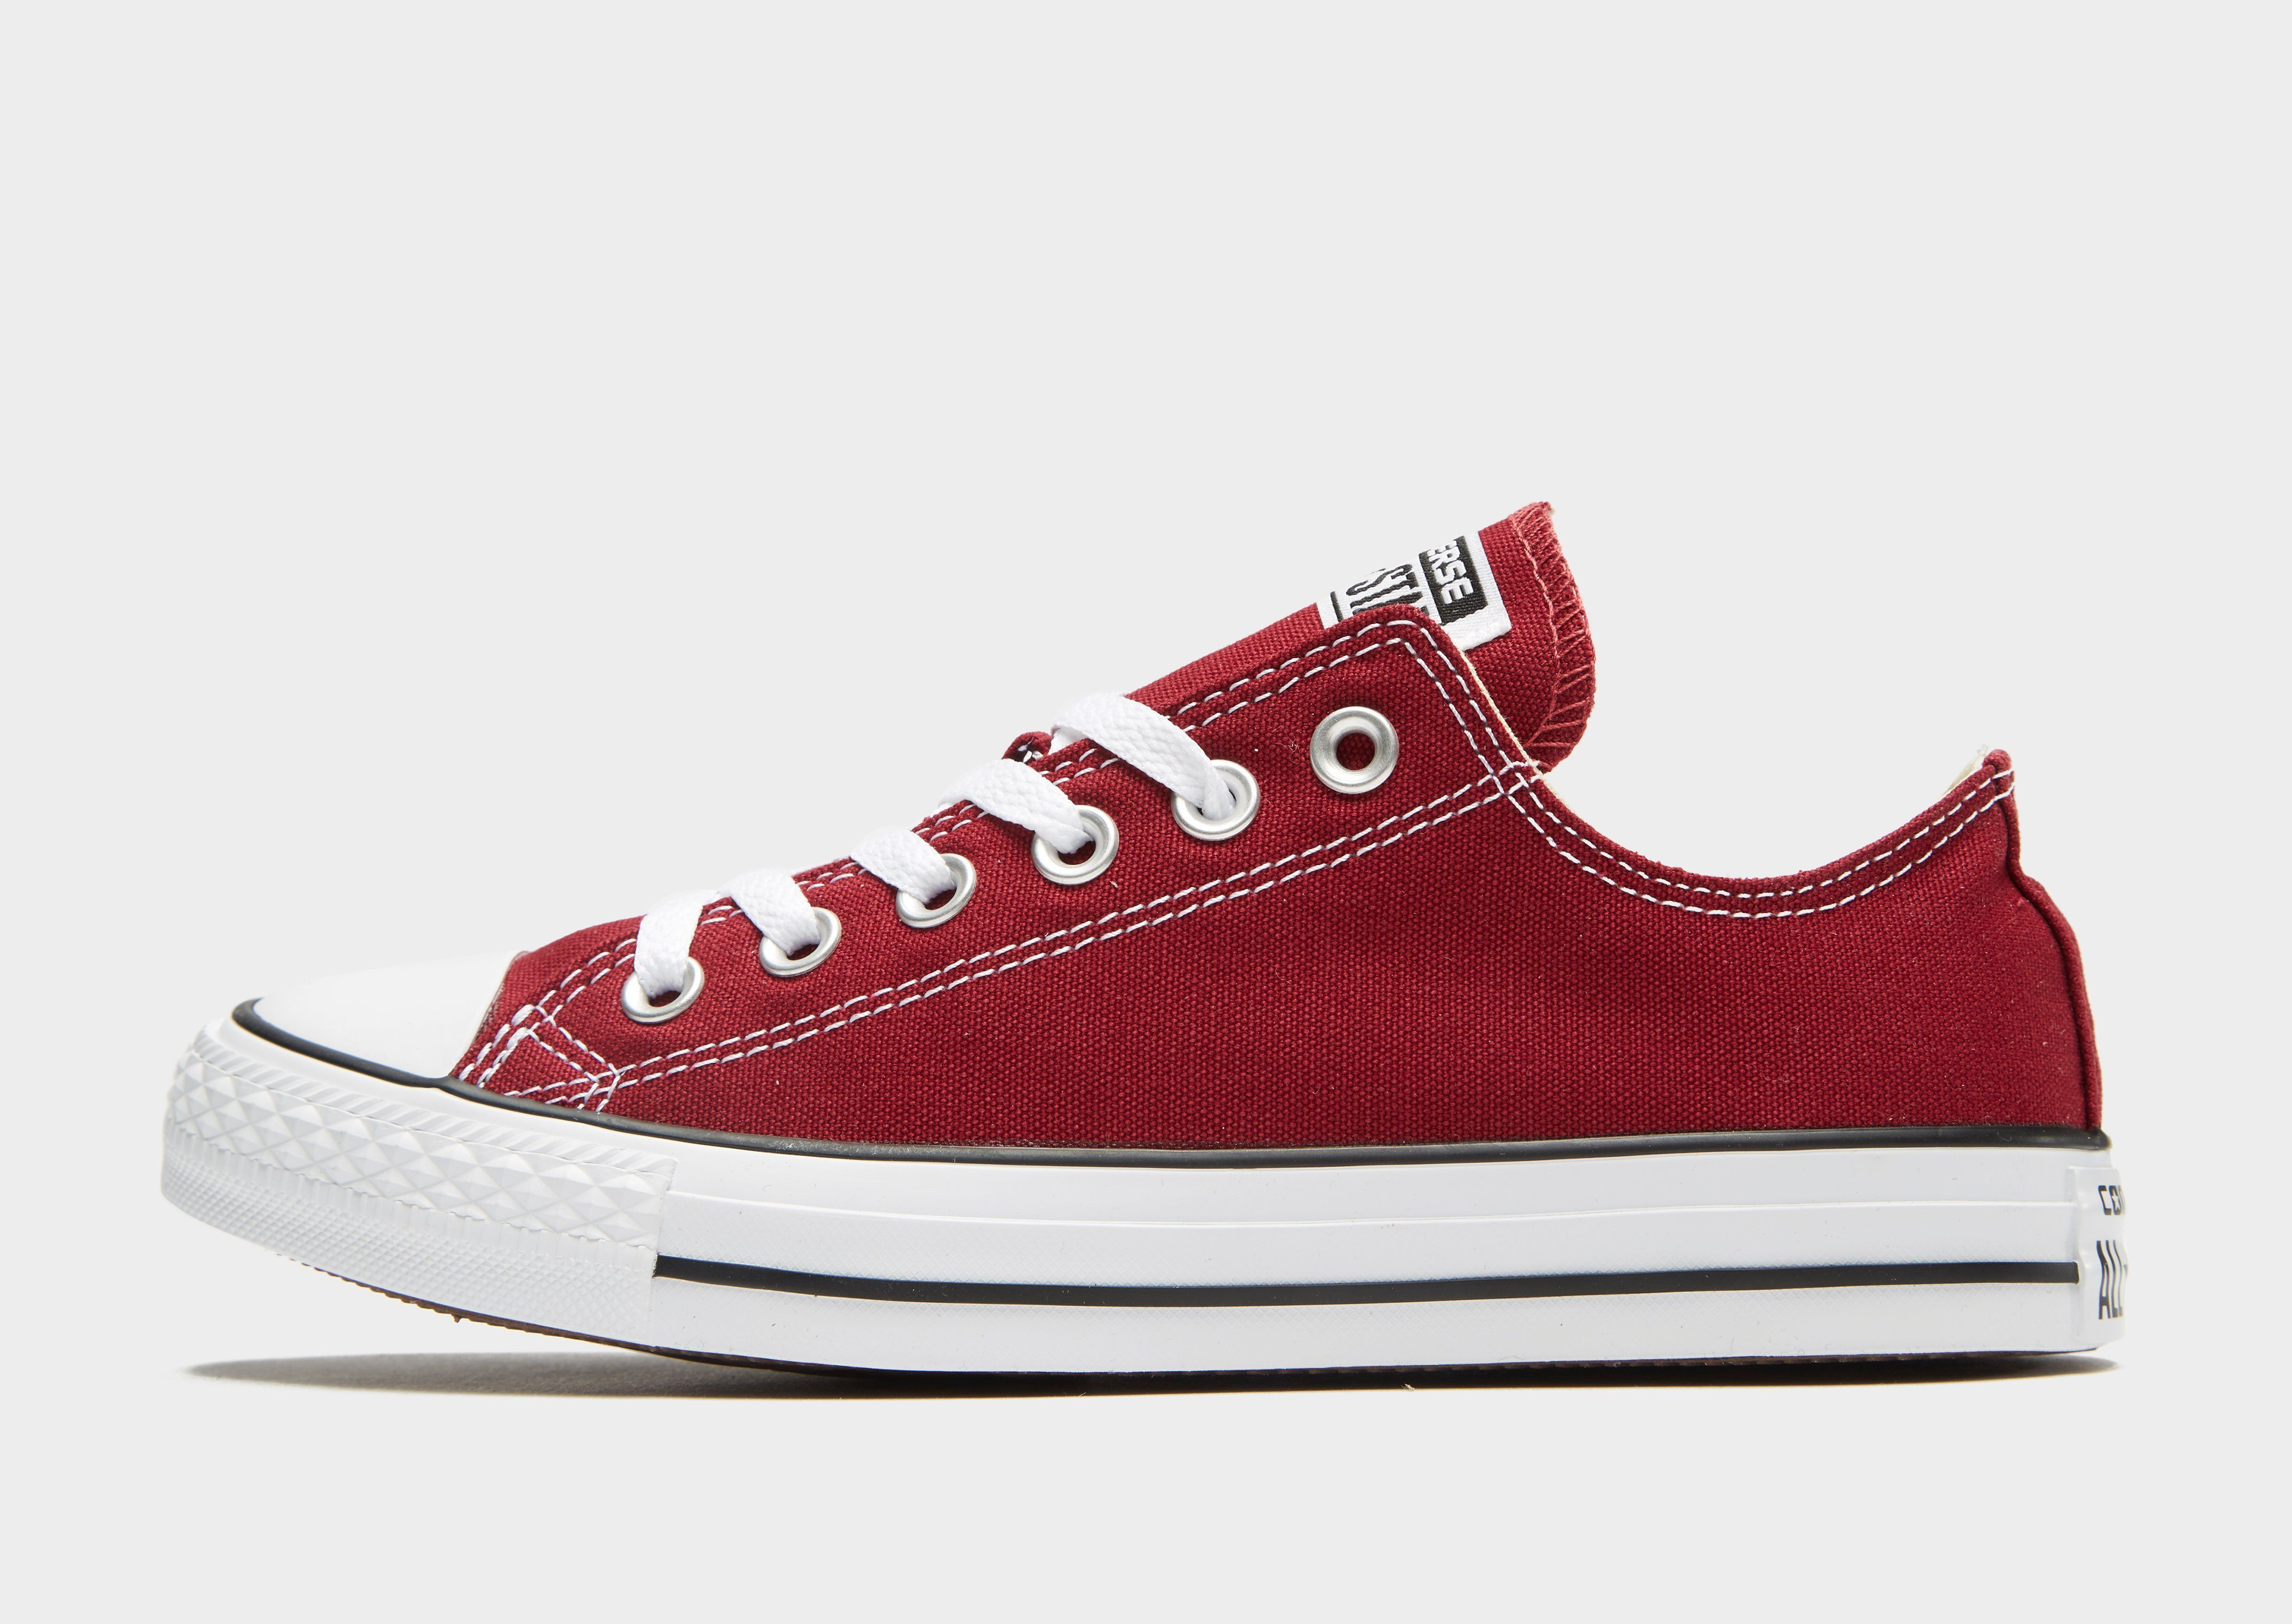 Tienda - red converse jd sports - OFF